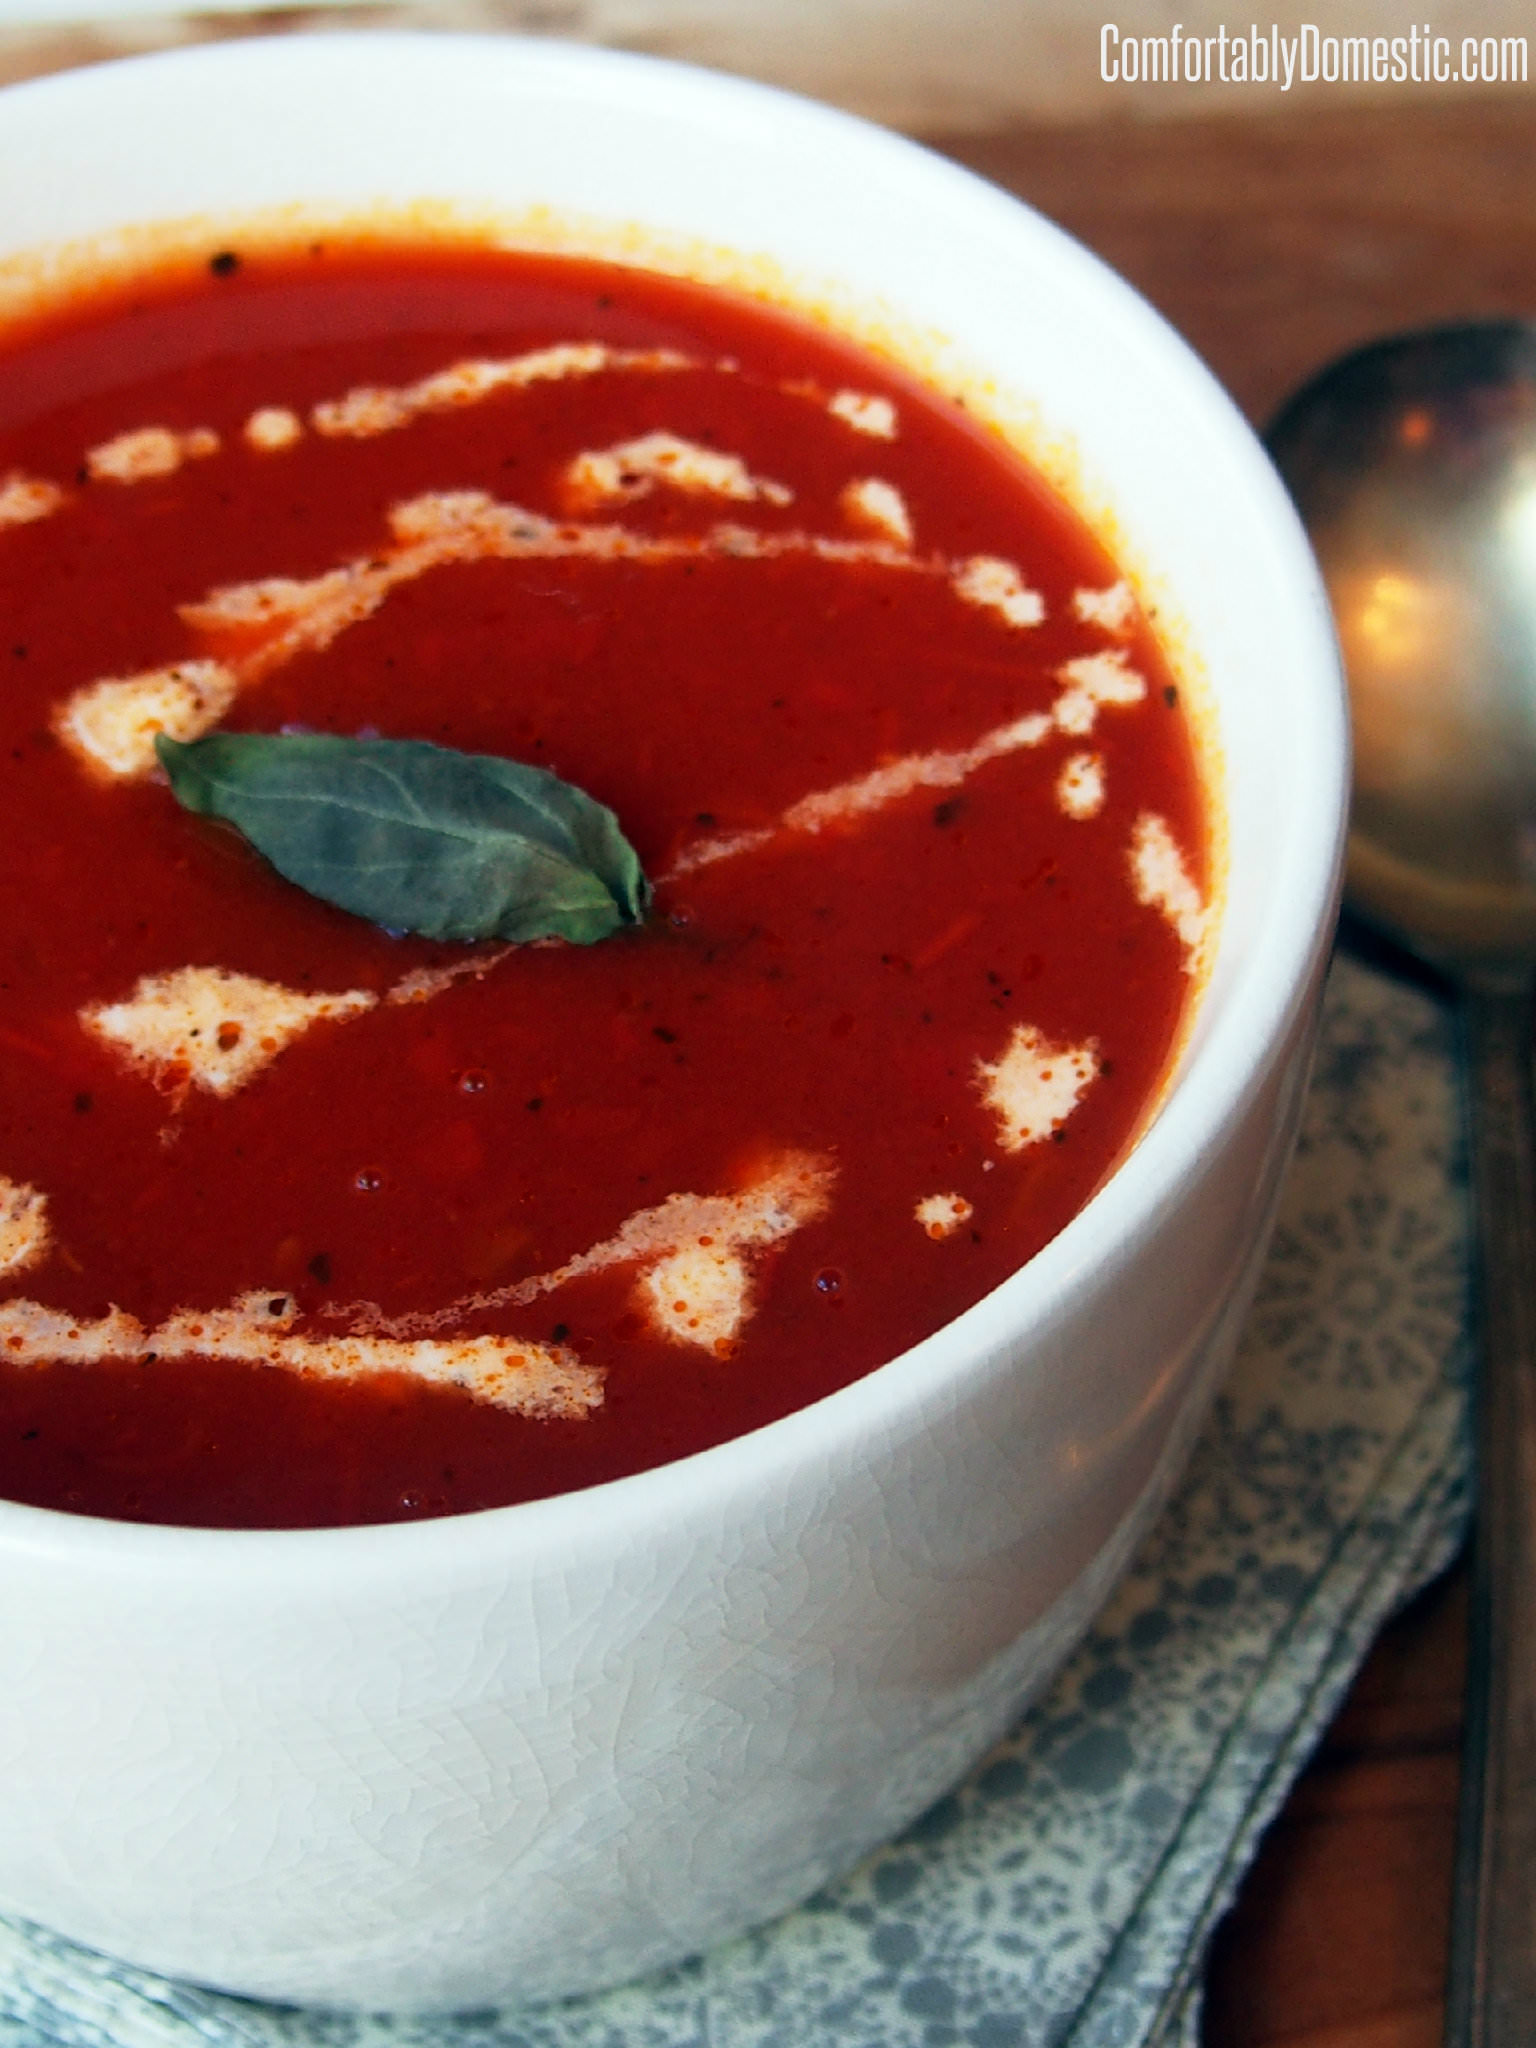 Ten Minute Homemade Tomato Soup Recipe   ComfortablyDomestic.com